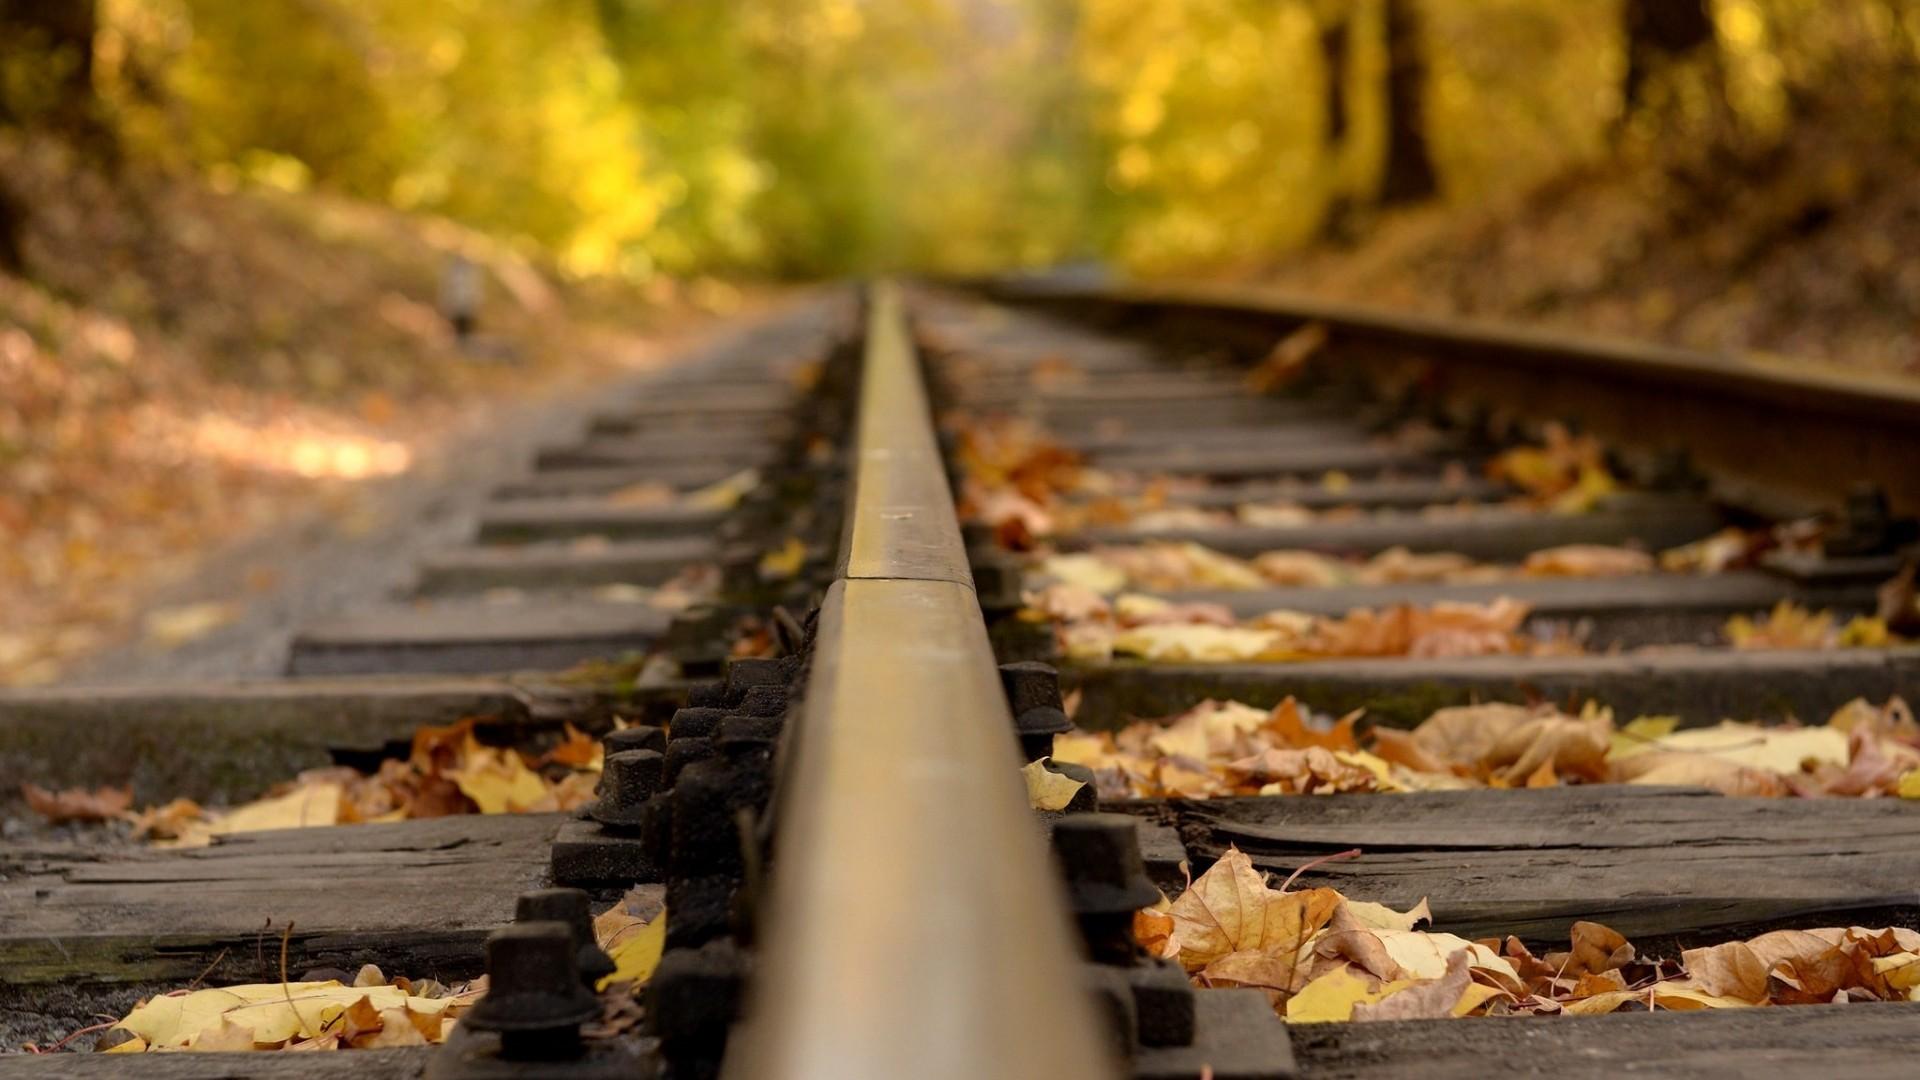 В Австралии произошла утечка кислоты из-за аварии на железной дороге